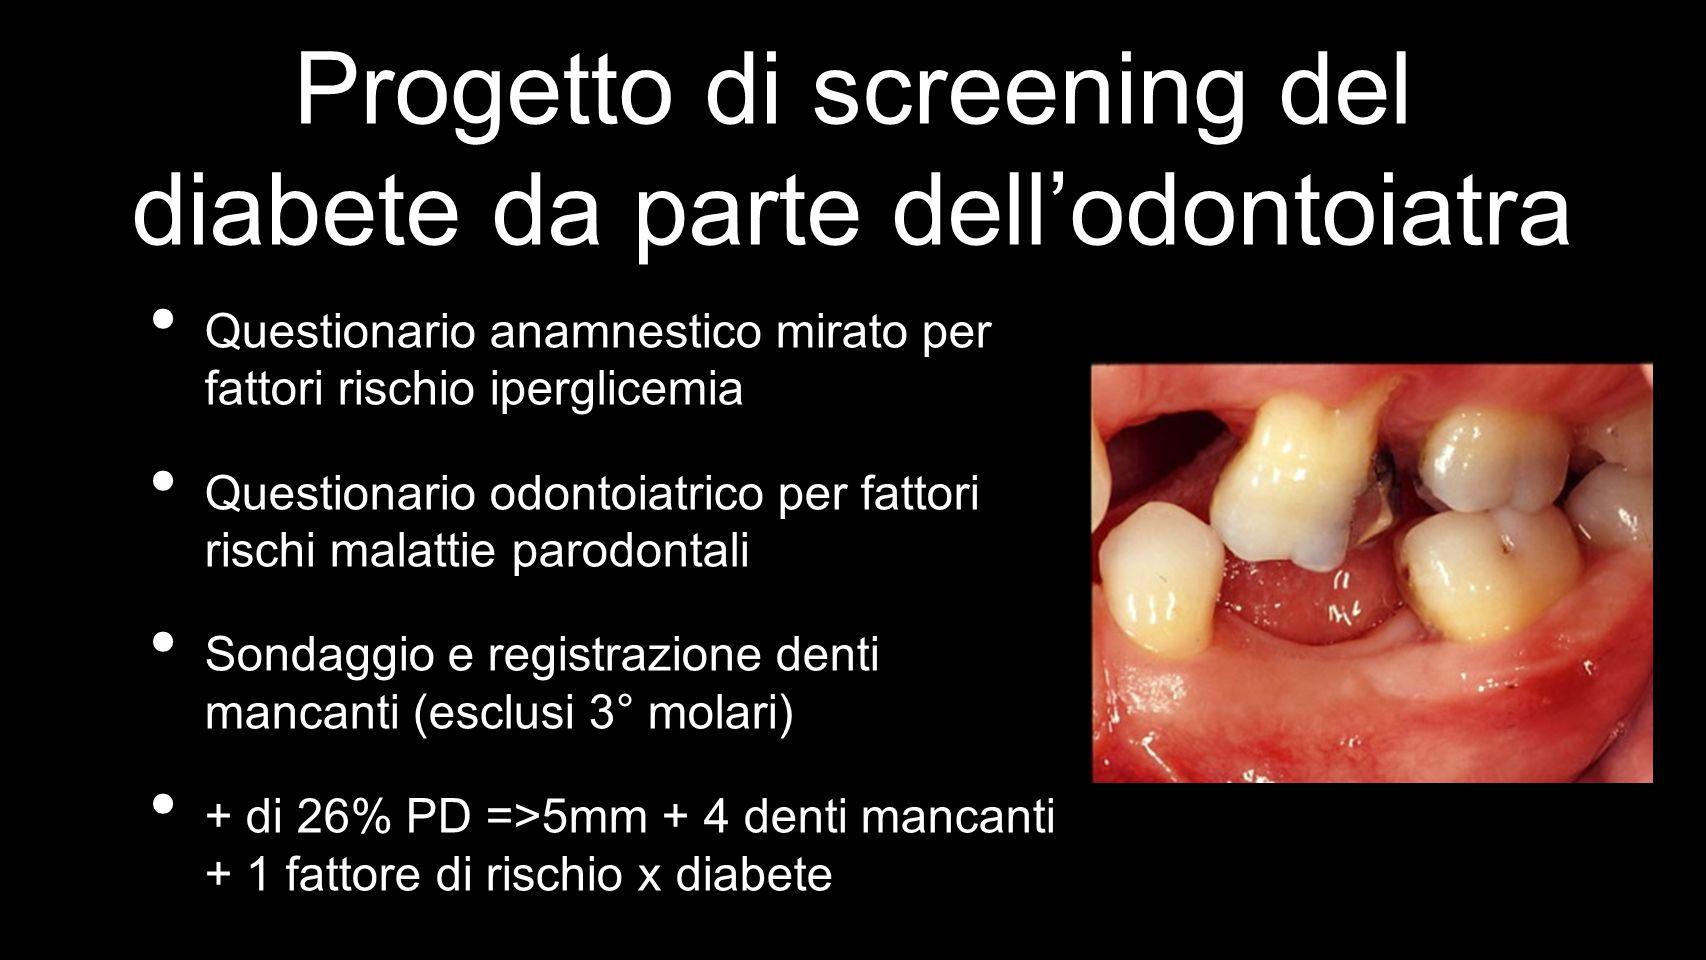 Progetto di screening del diabete da parte dellodontoiatra Questionario anamnestico mirato per fattori rischio iperglicemia Questionario odontoiatrico per fattori rischi malattie parodontali Sondaggio e registrazione denti mancanti (esclusi 3° molari) + di 26% PD =>5mm + 4 denti mancanti + 1 fattore di rischio x diabete